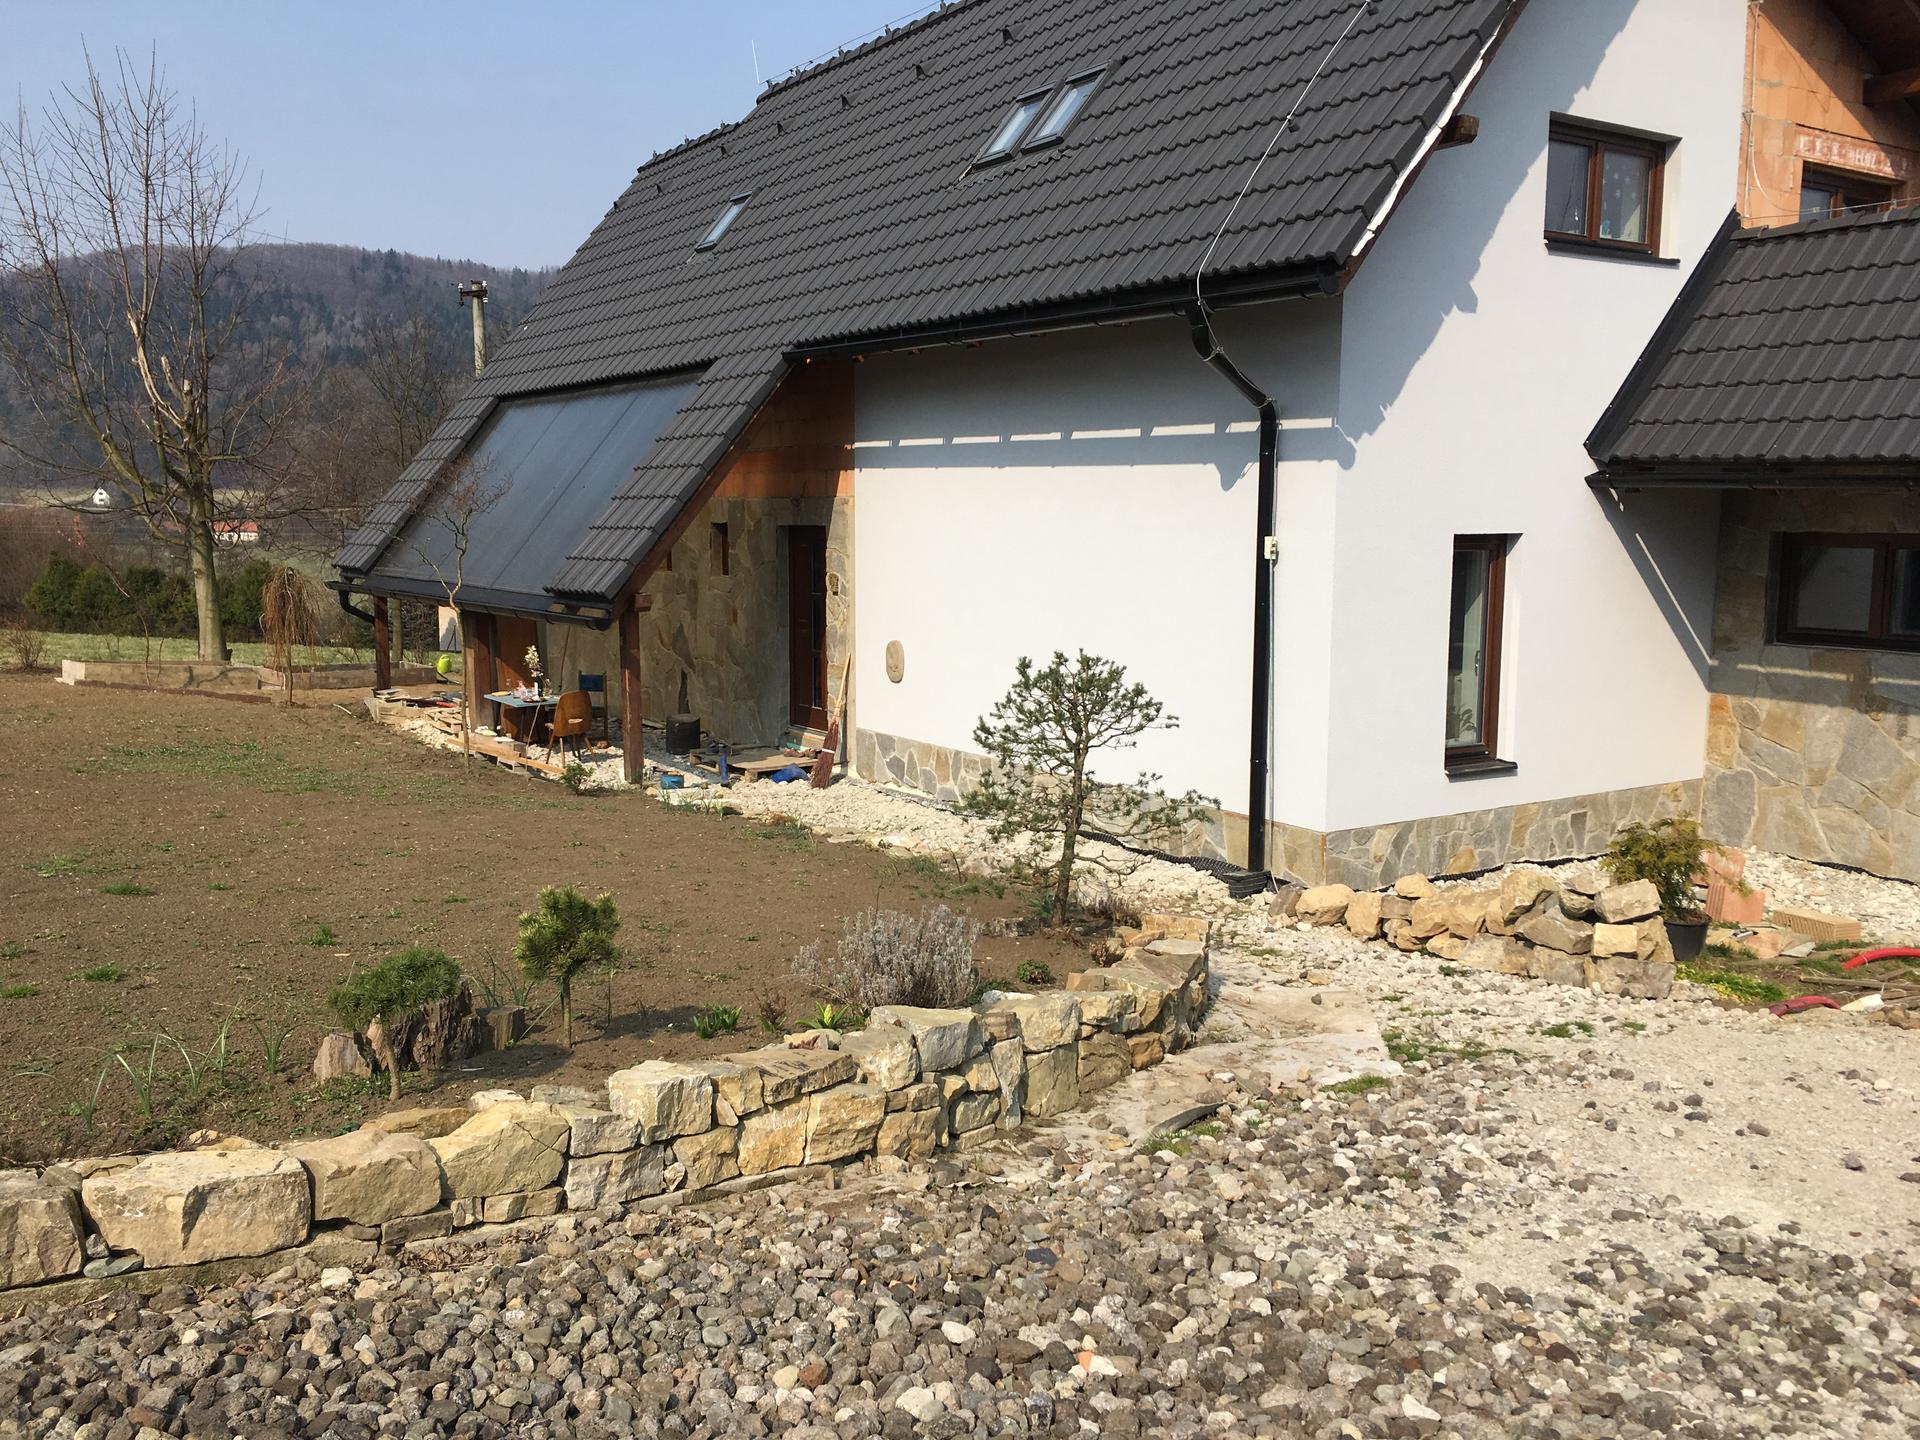 Zahrada - Ještě na podzim manžel stihl udělat kolem domů suché zítky, které budou sloužit, zároveň, jako skalka.